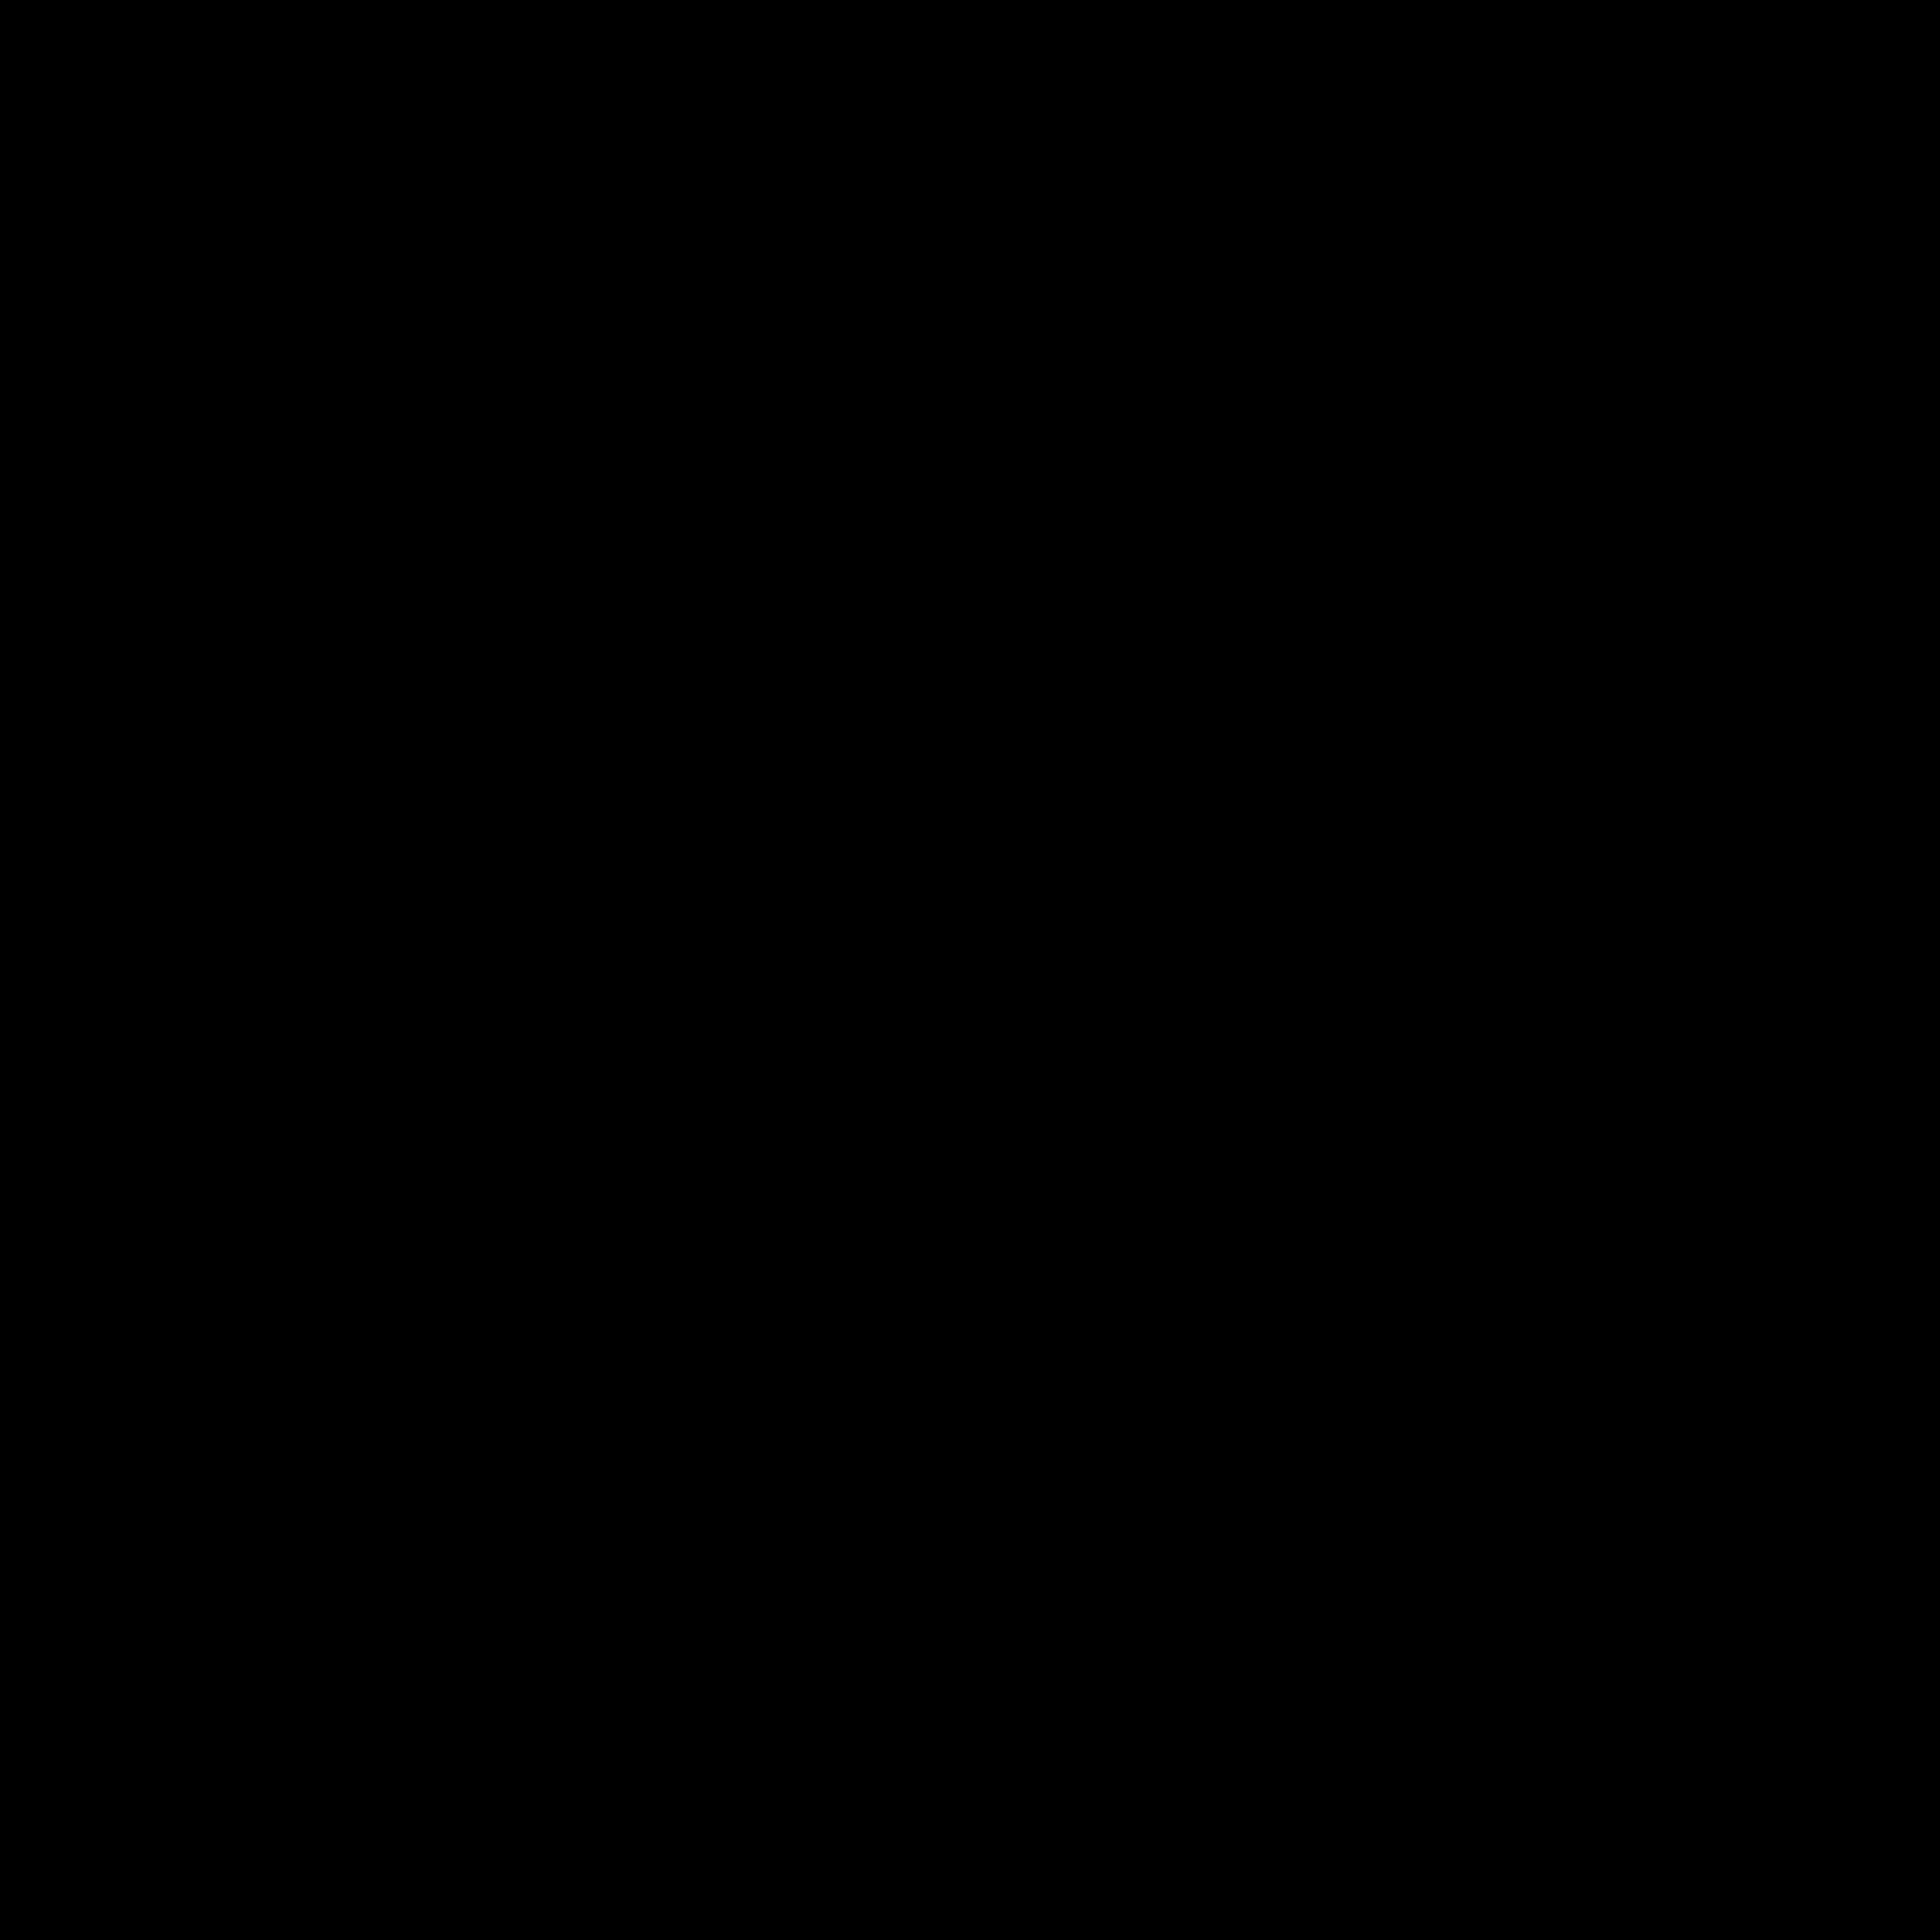 bts logo 0 - BTS Logo